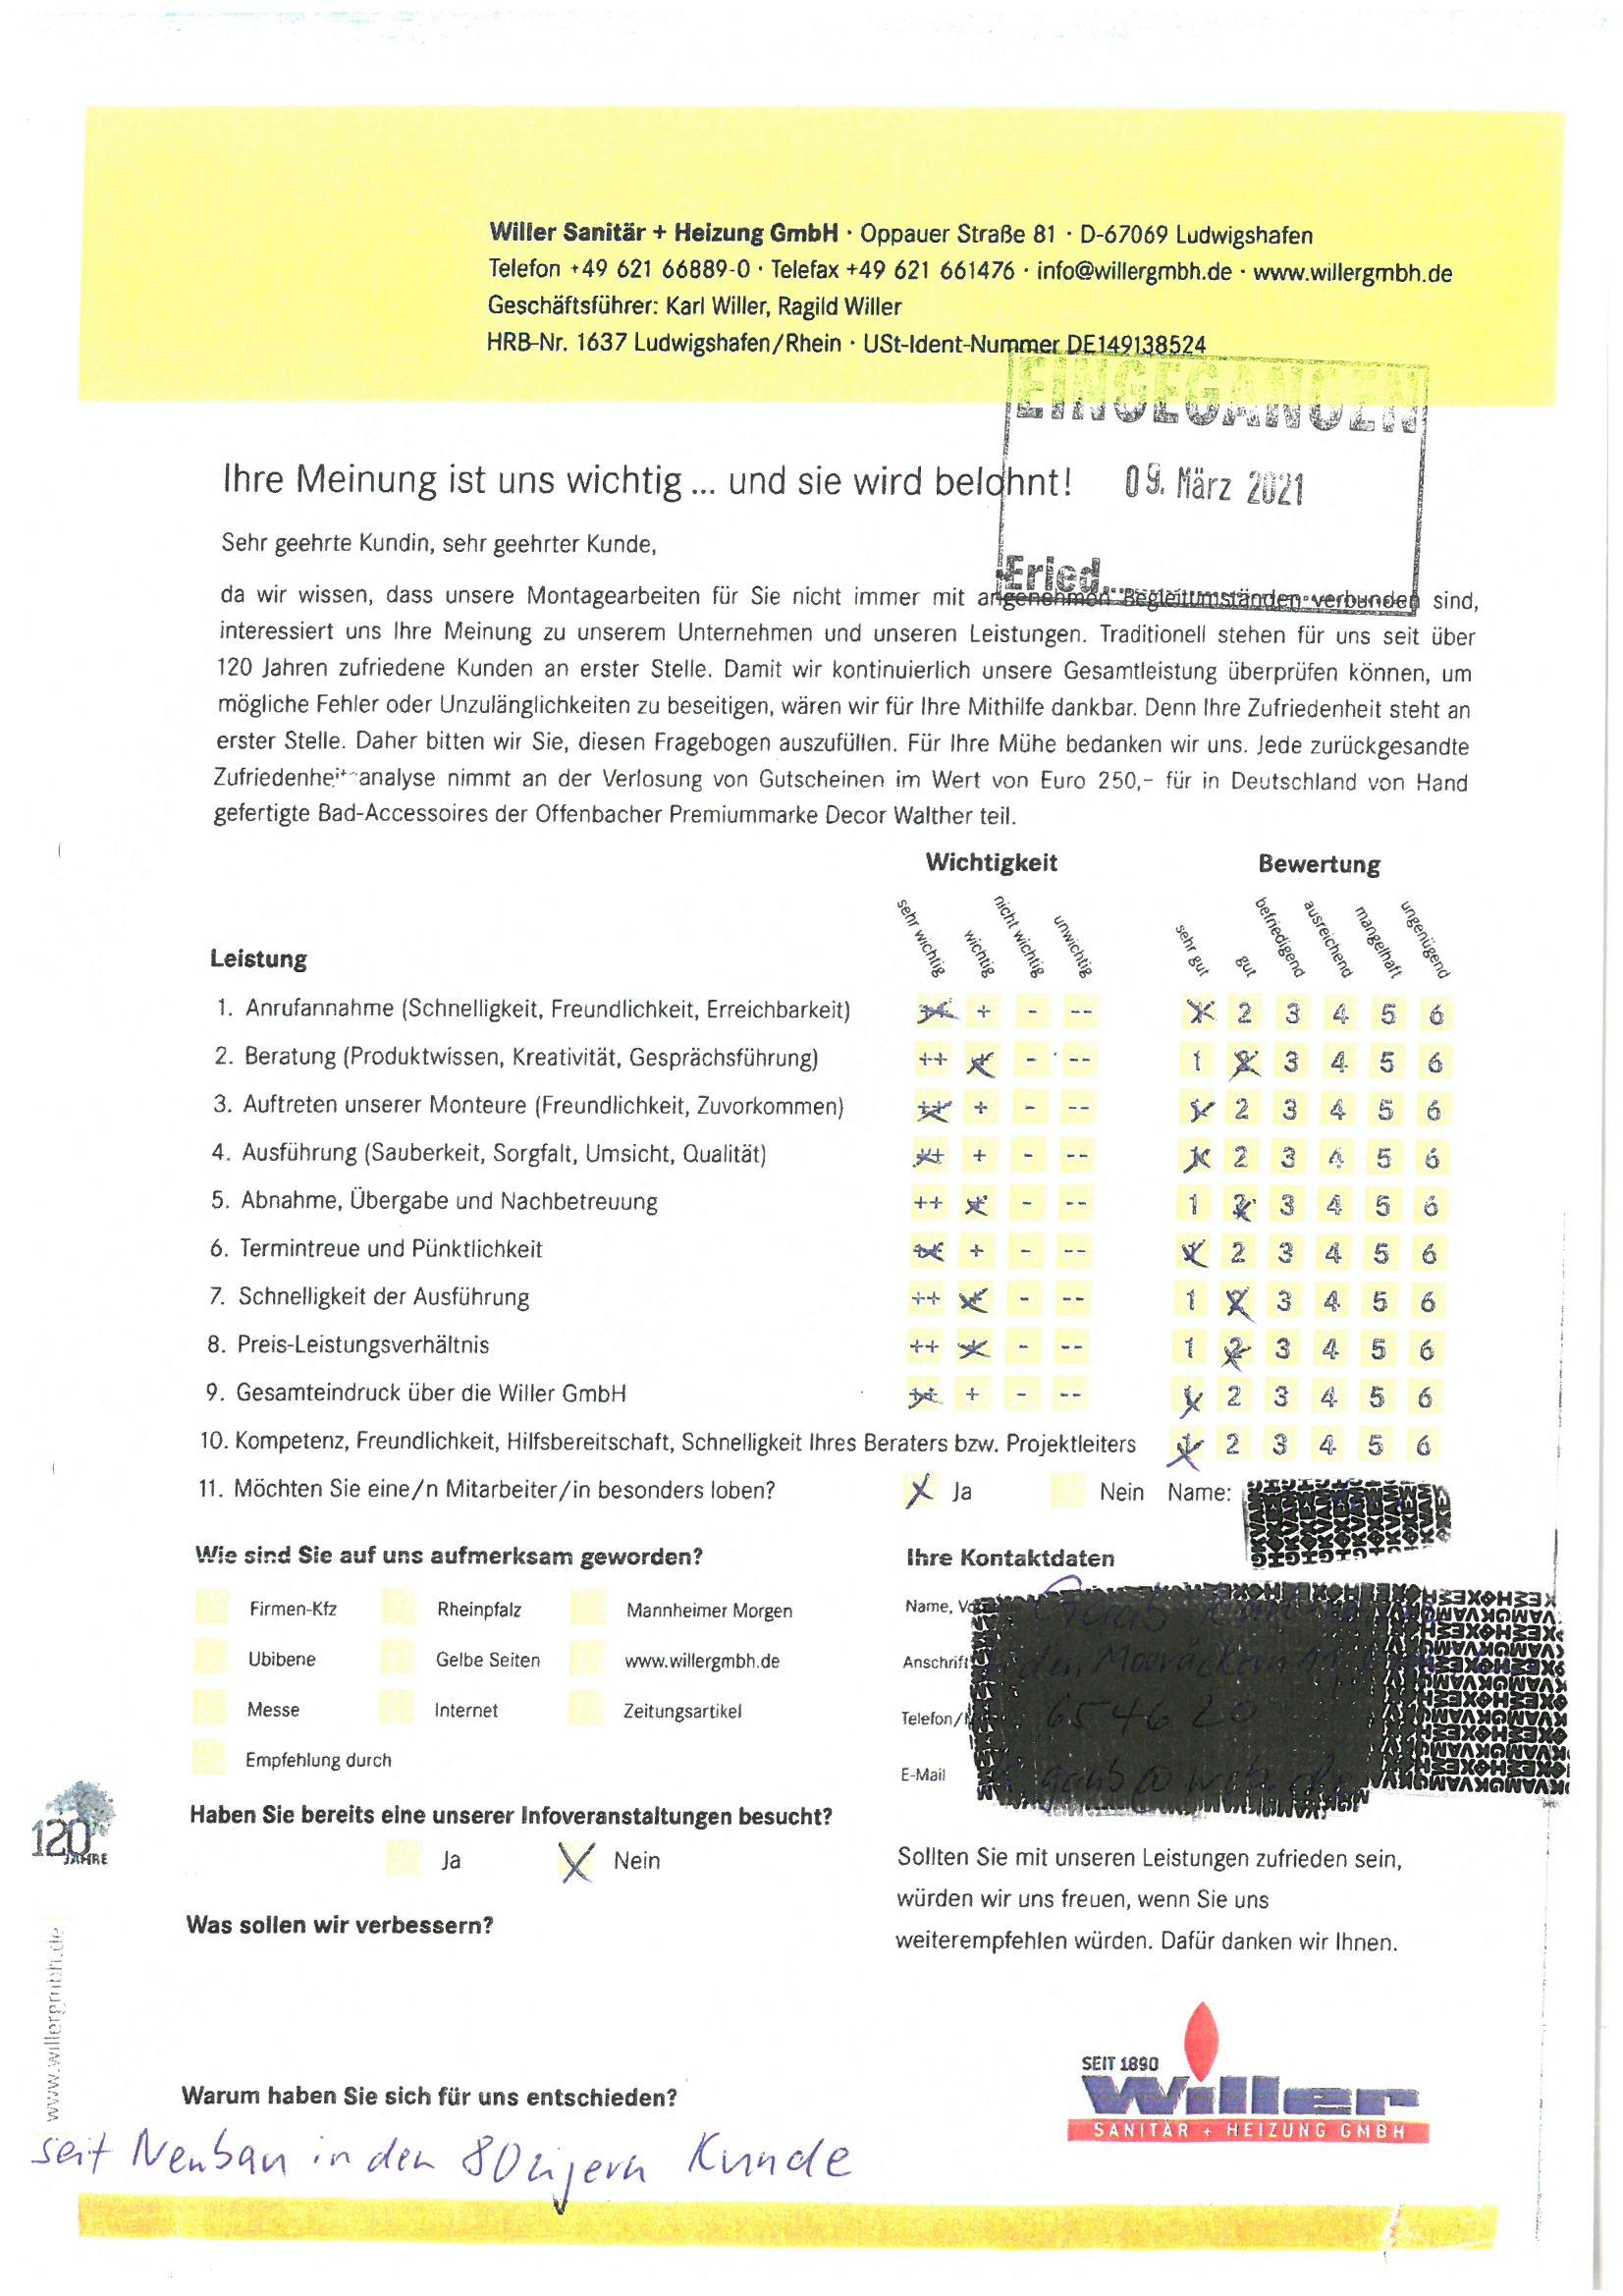 Bewertungen_Willer_Ludwigshafen_2021_ (27)